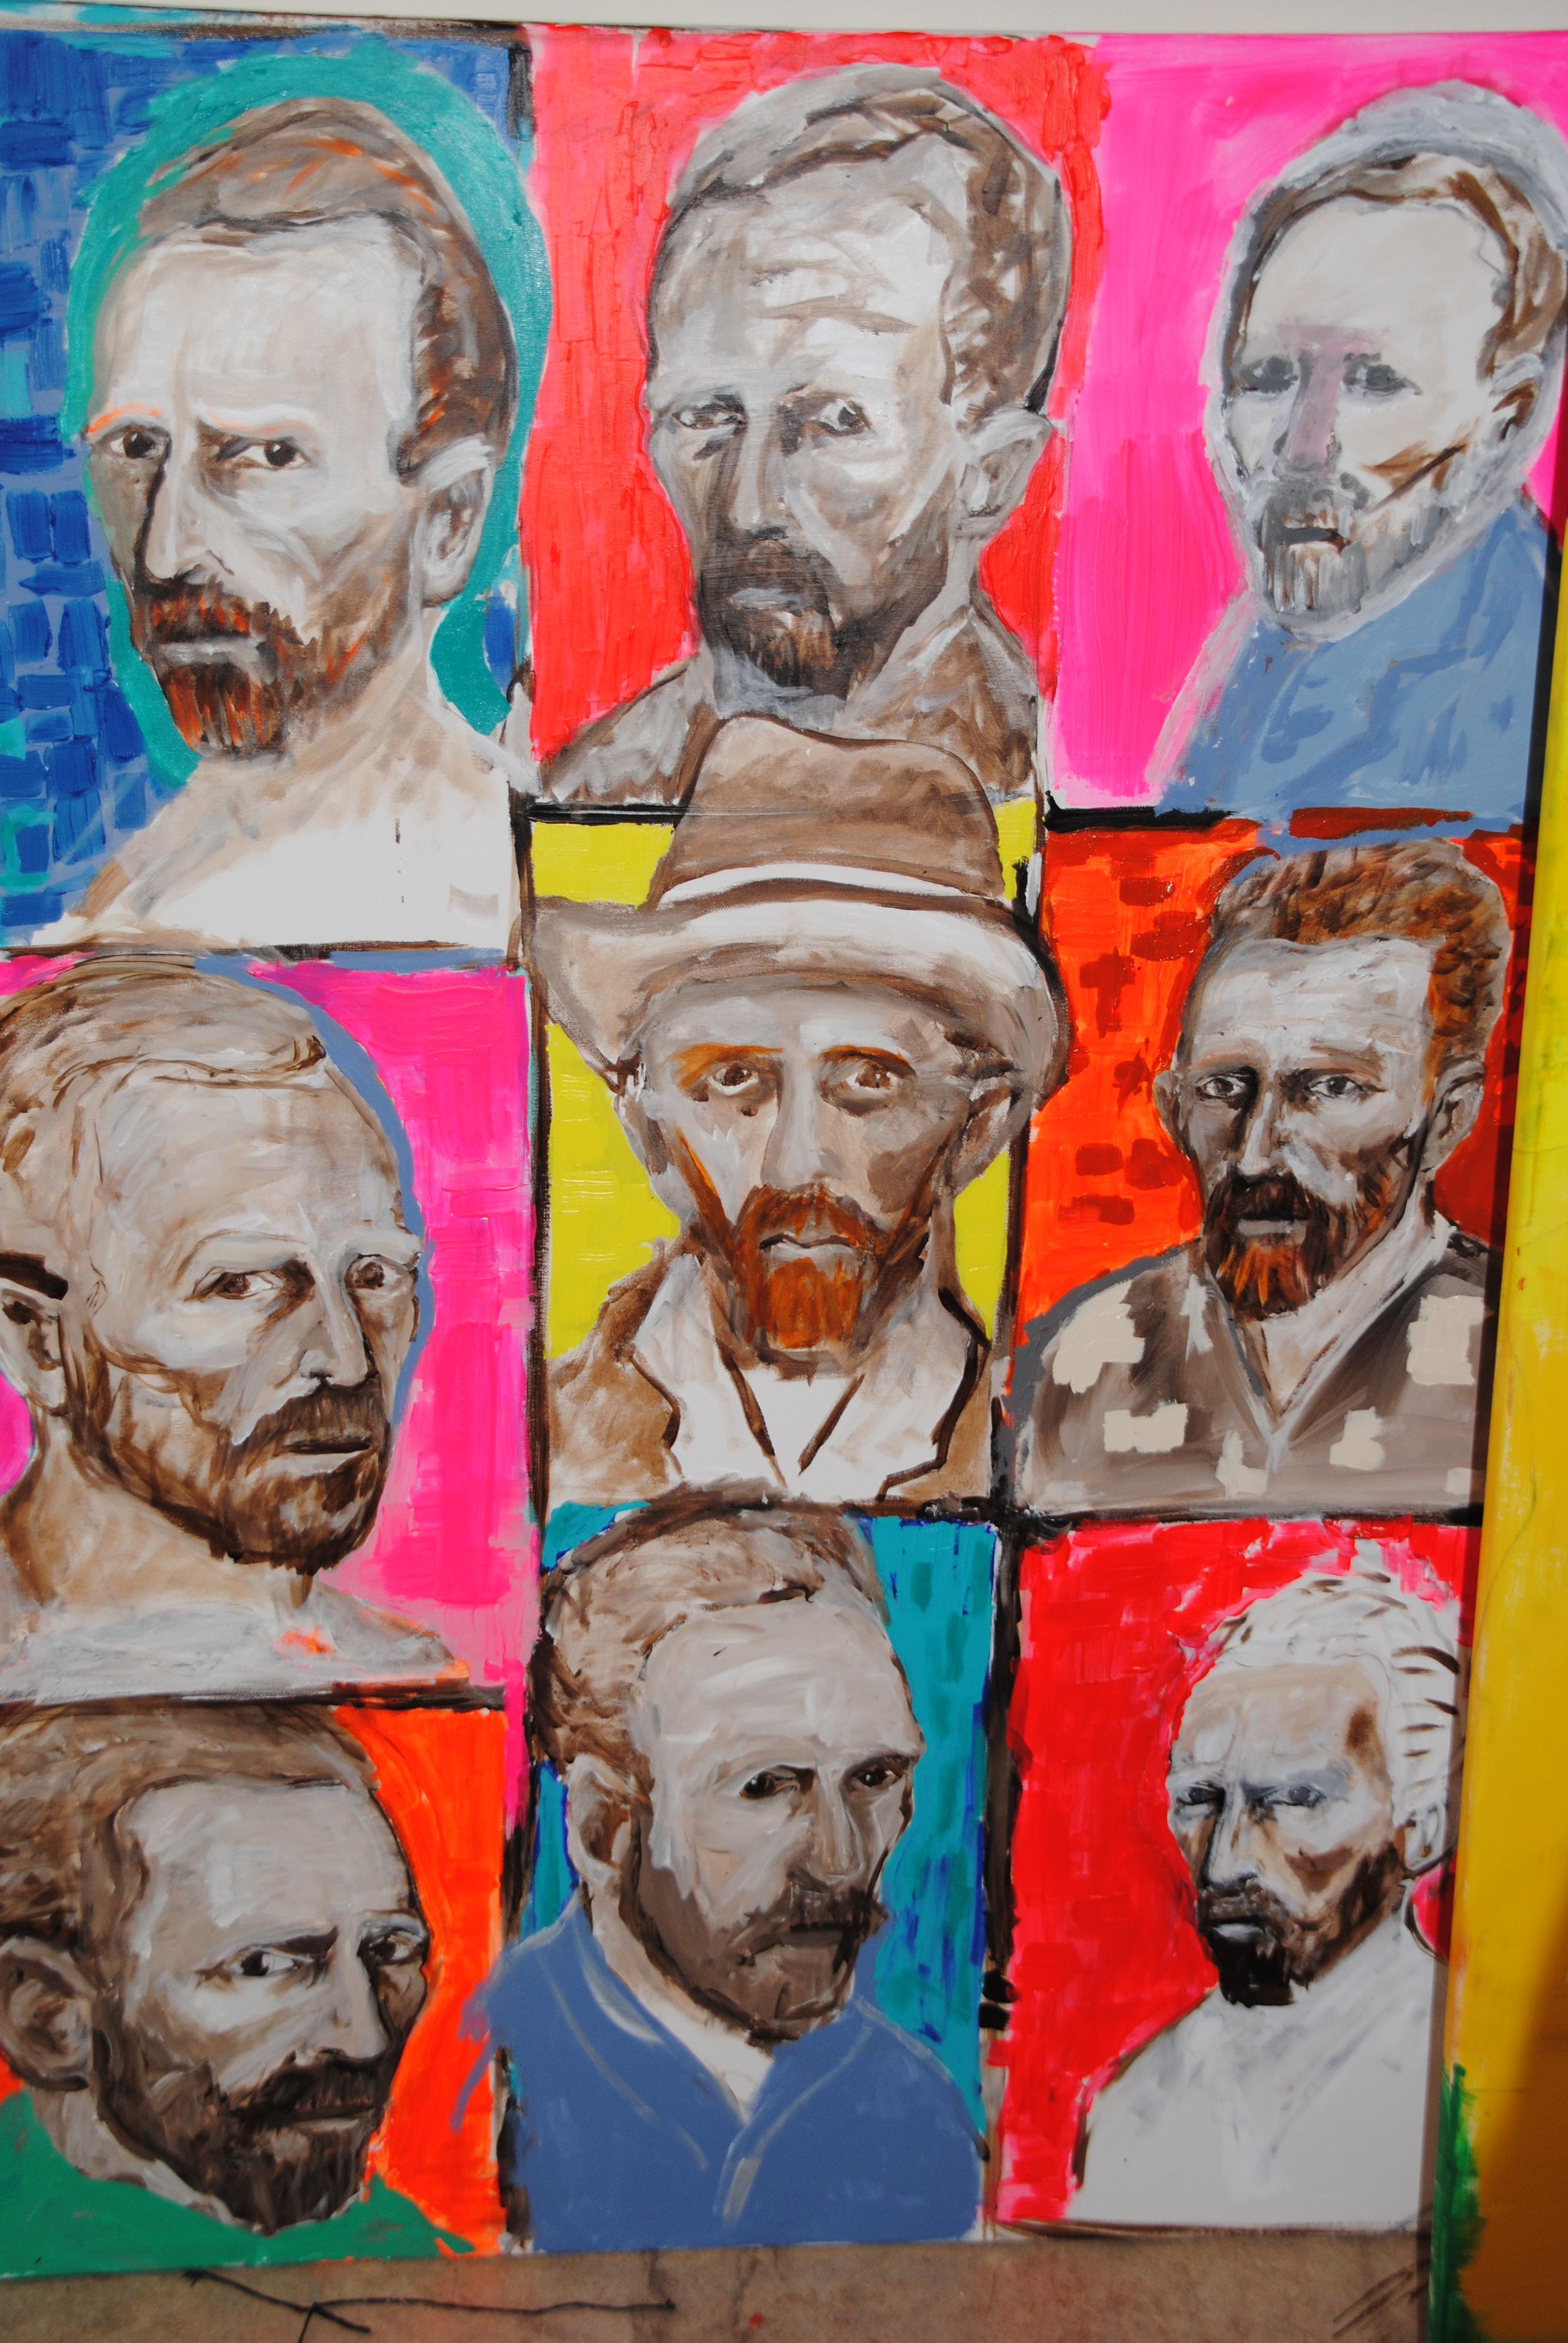 2015 narouz moltzer, Interpretations of Van Gogh